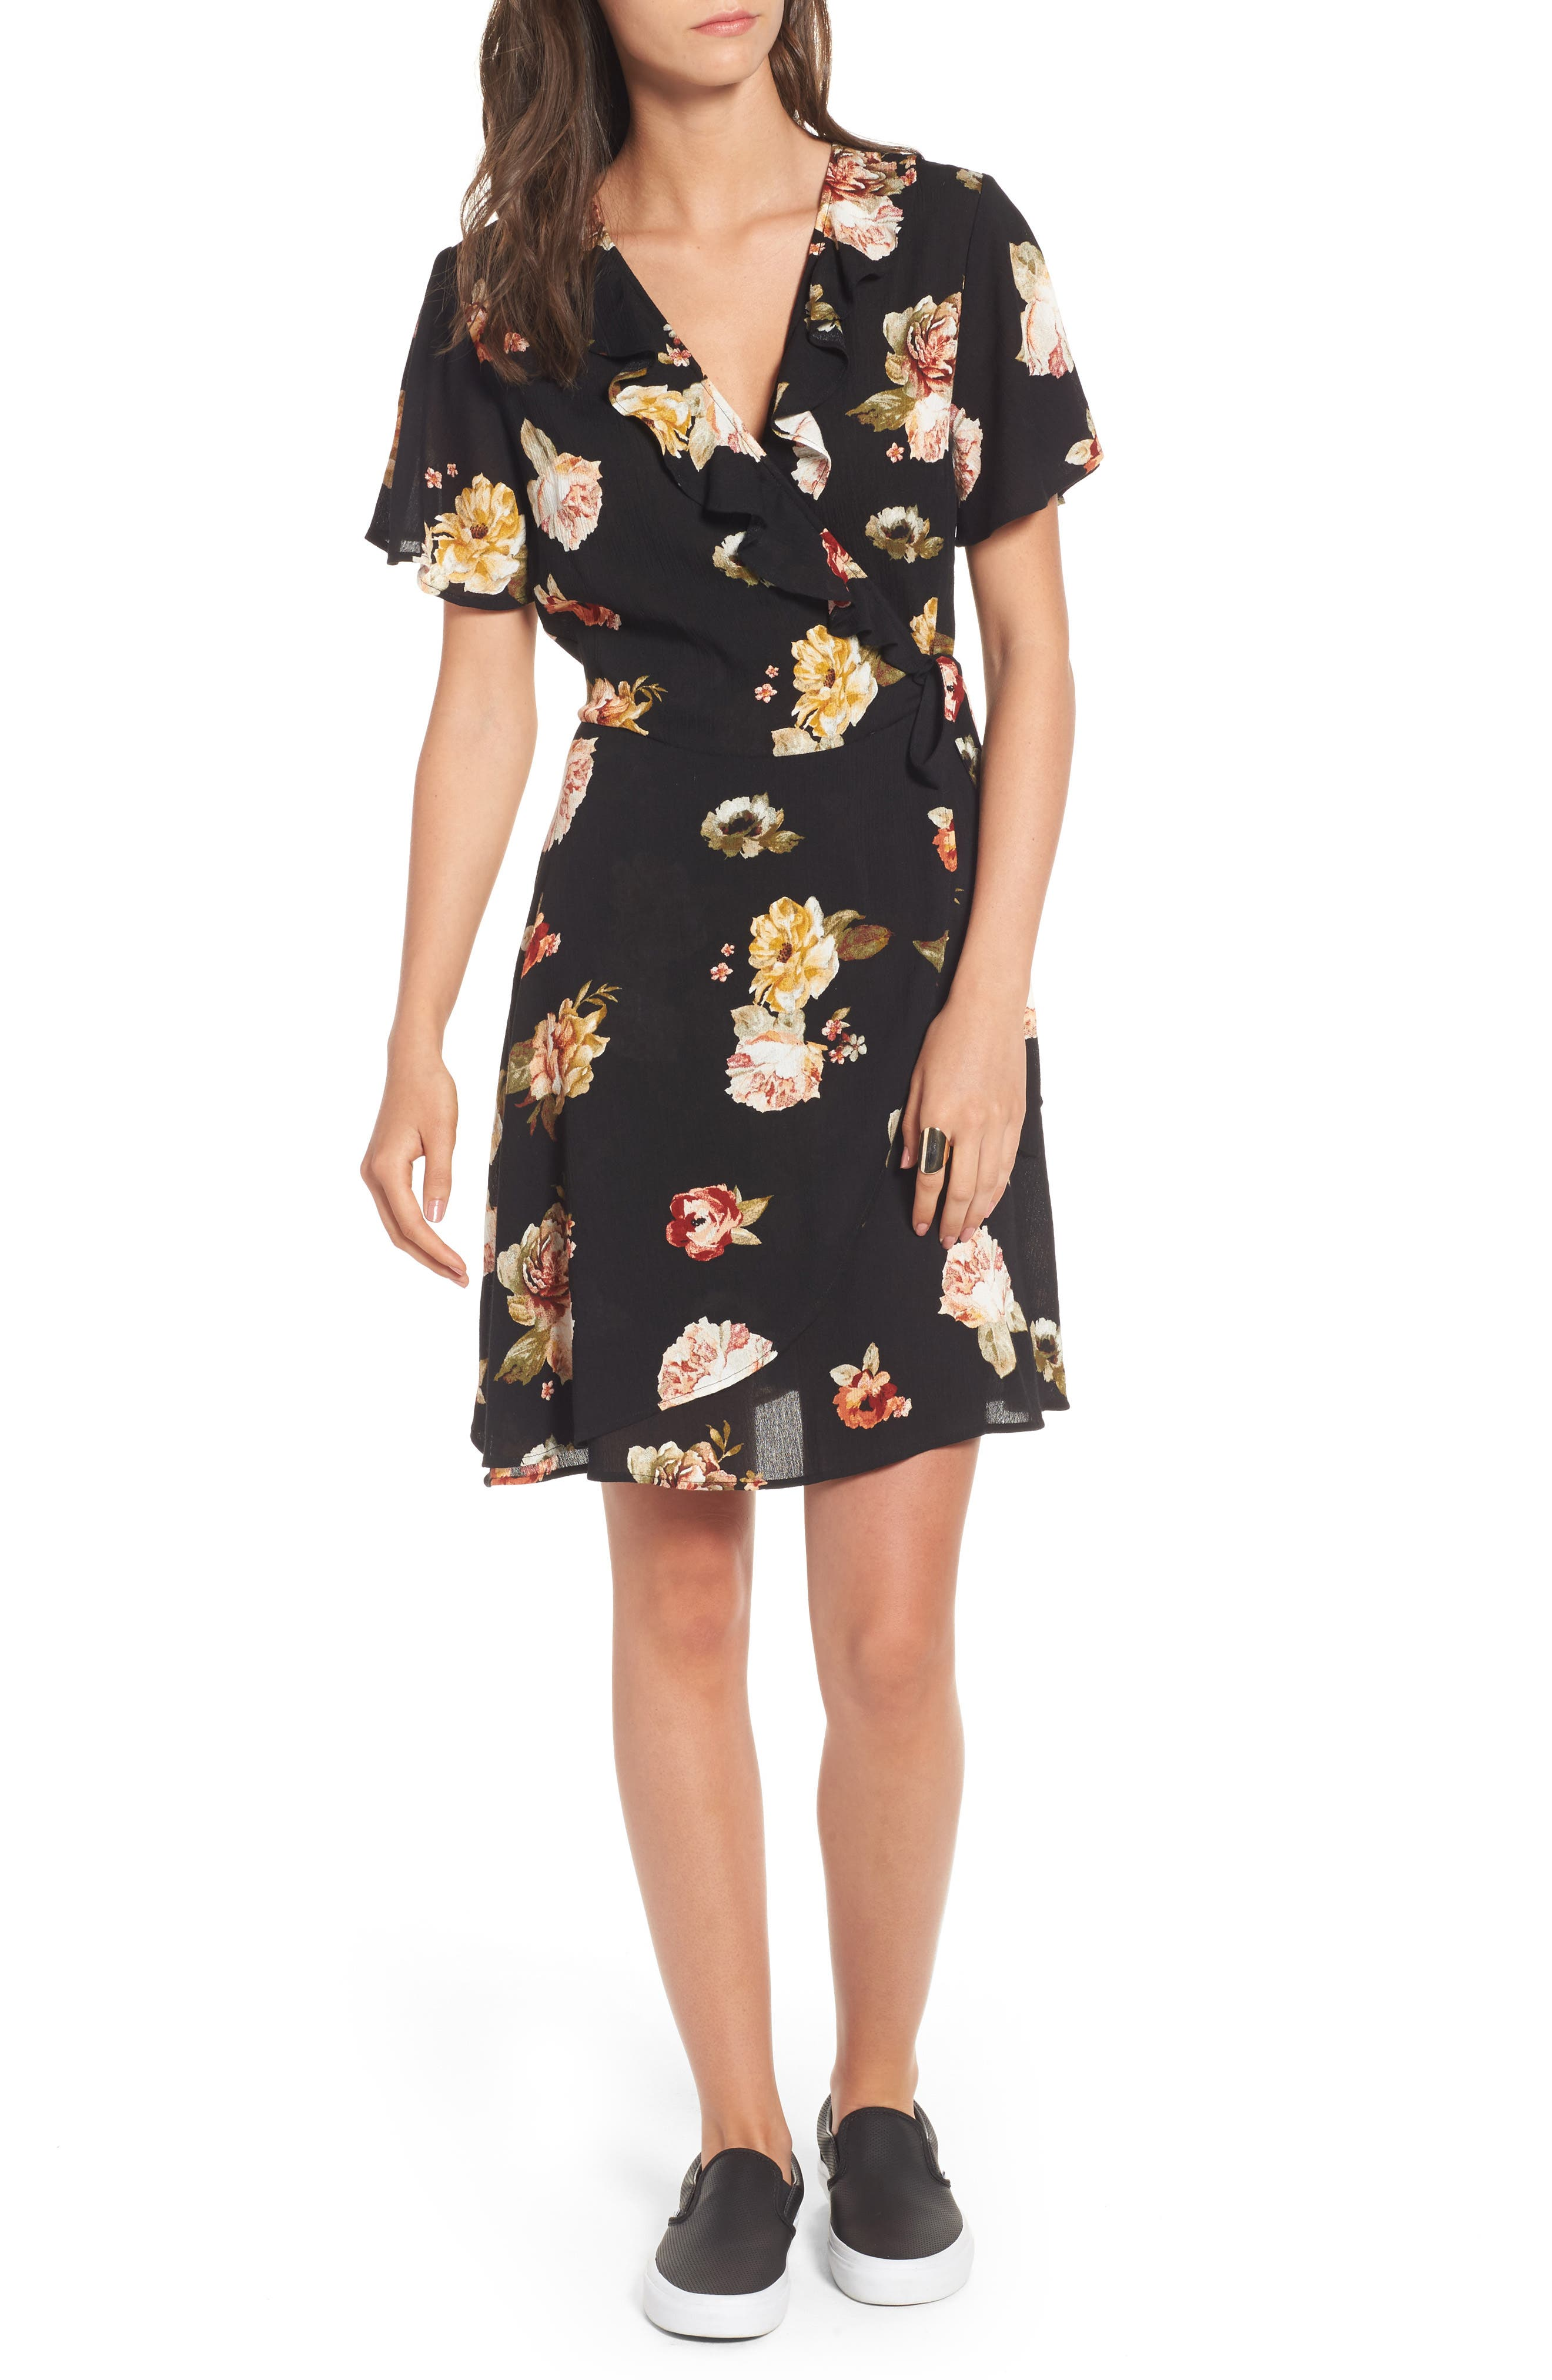 LOVE, FIRE Floral Gauze Wrap Dress, Main, color, 001